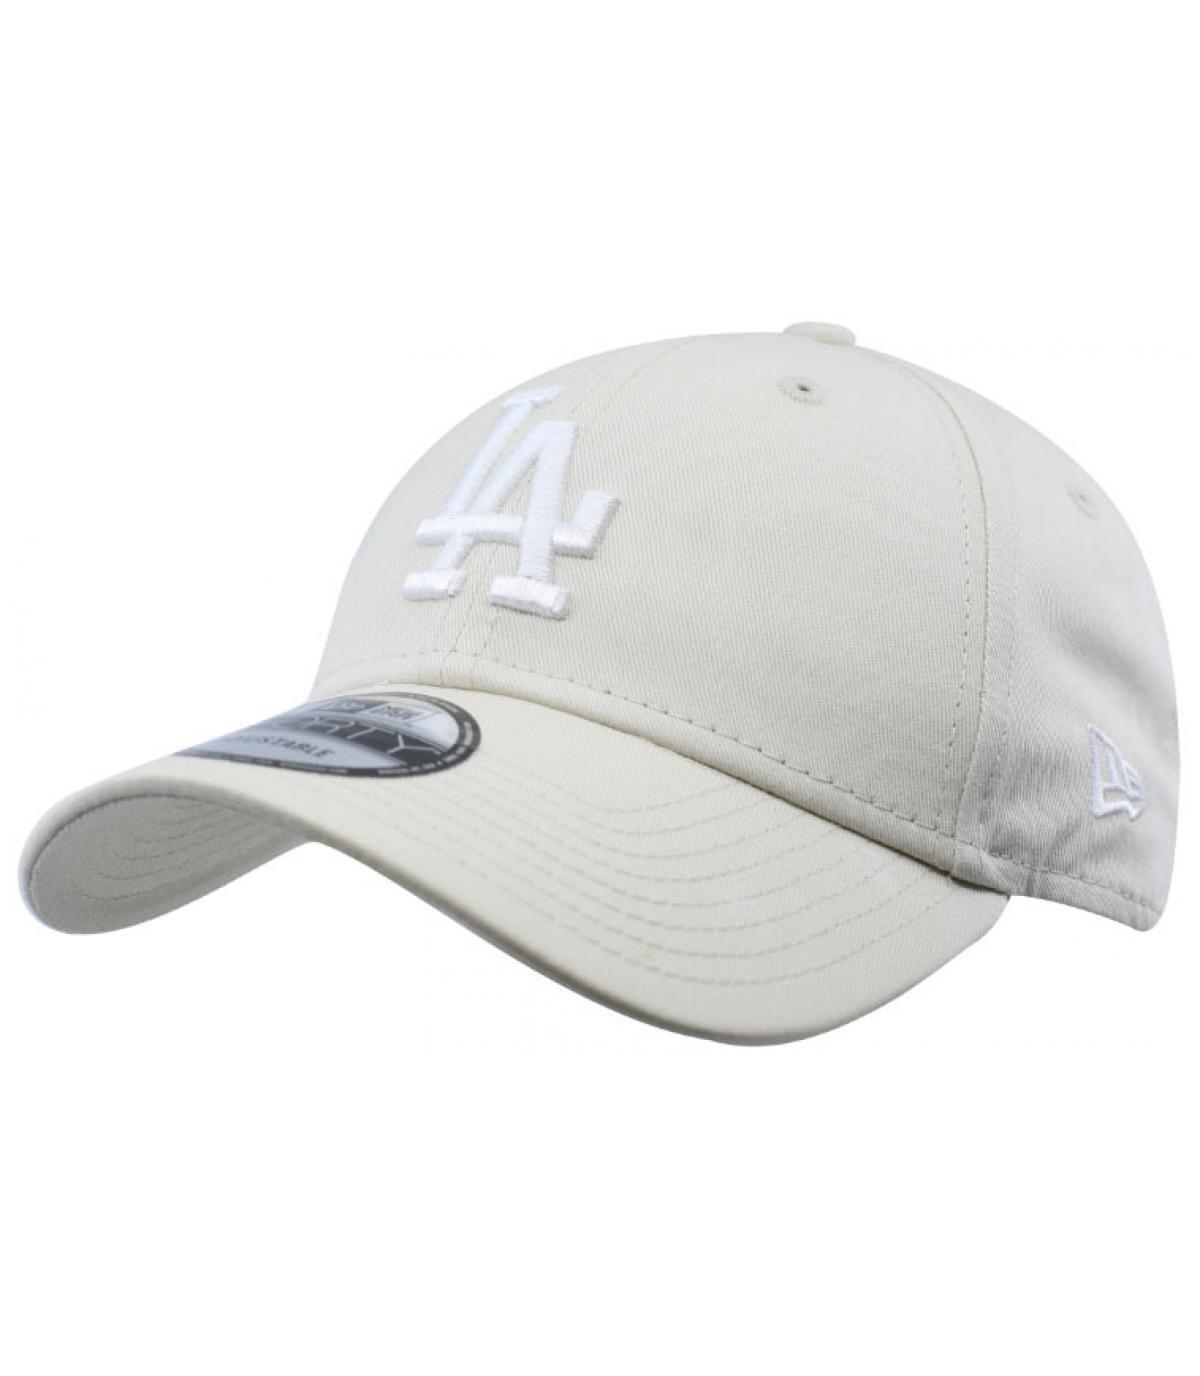 white LA cap - League Ess 9forty LA off white by New Era. Headict efb1188ec2c